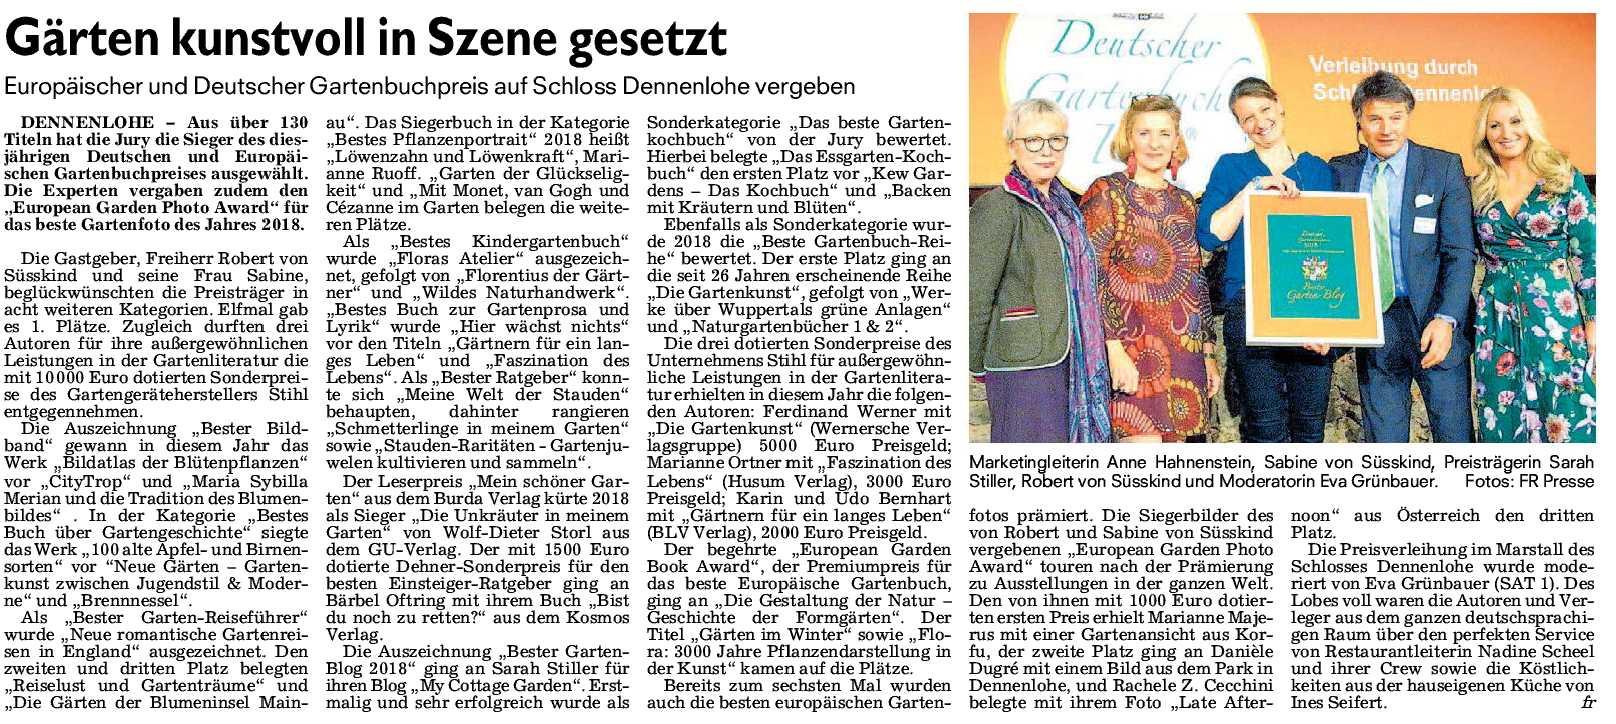 Deutscher Gartenbuchpreis 2018